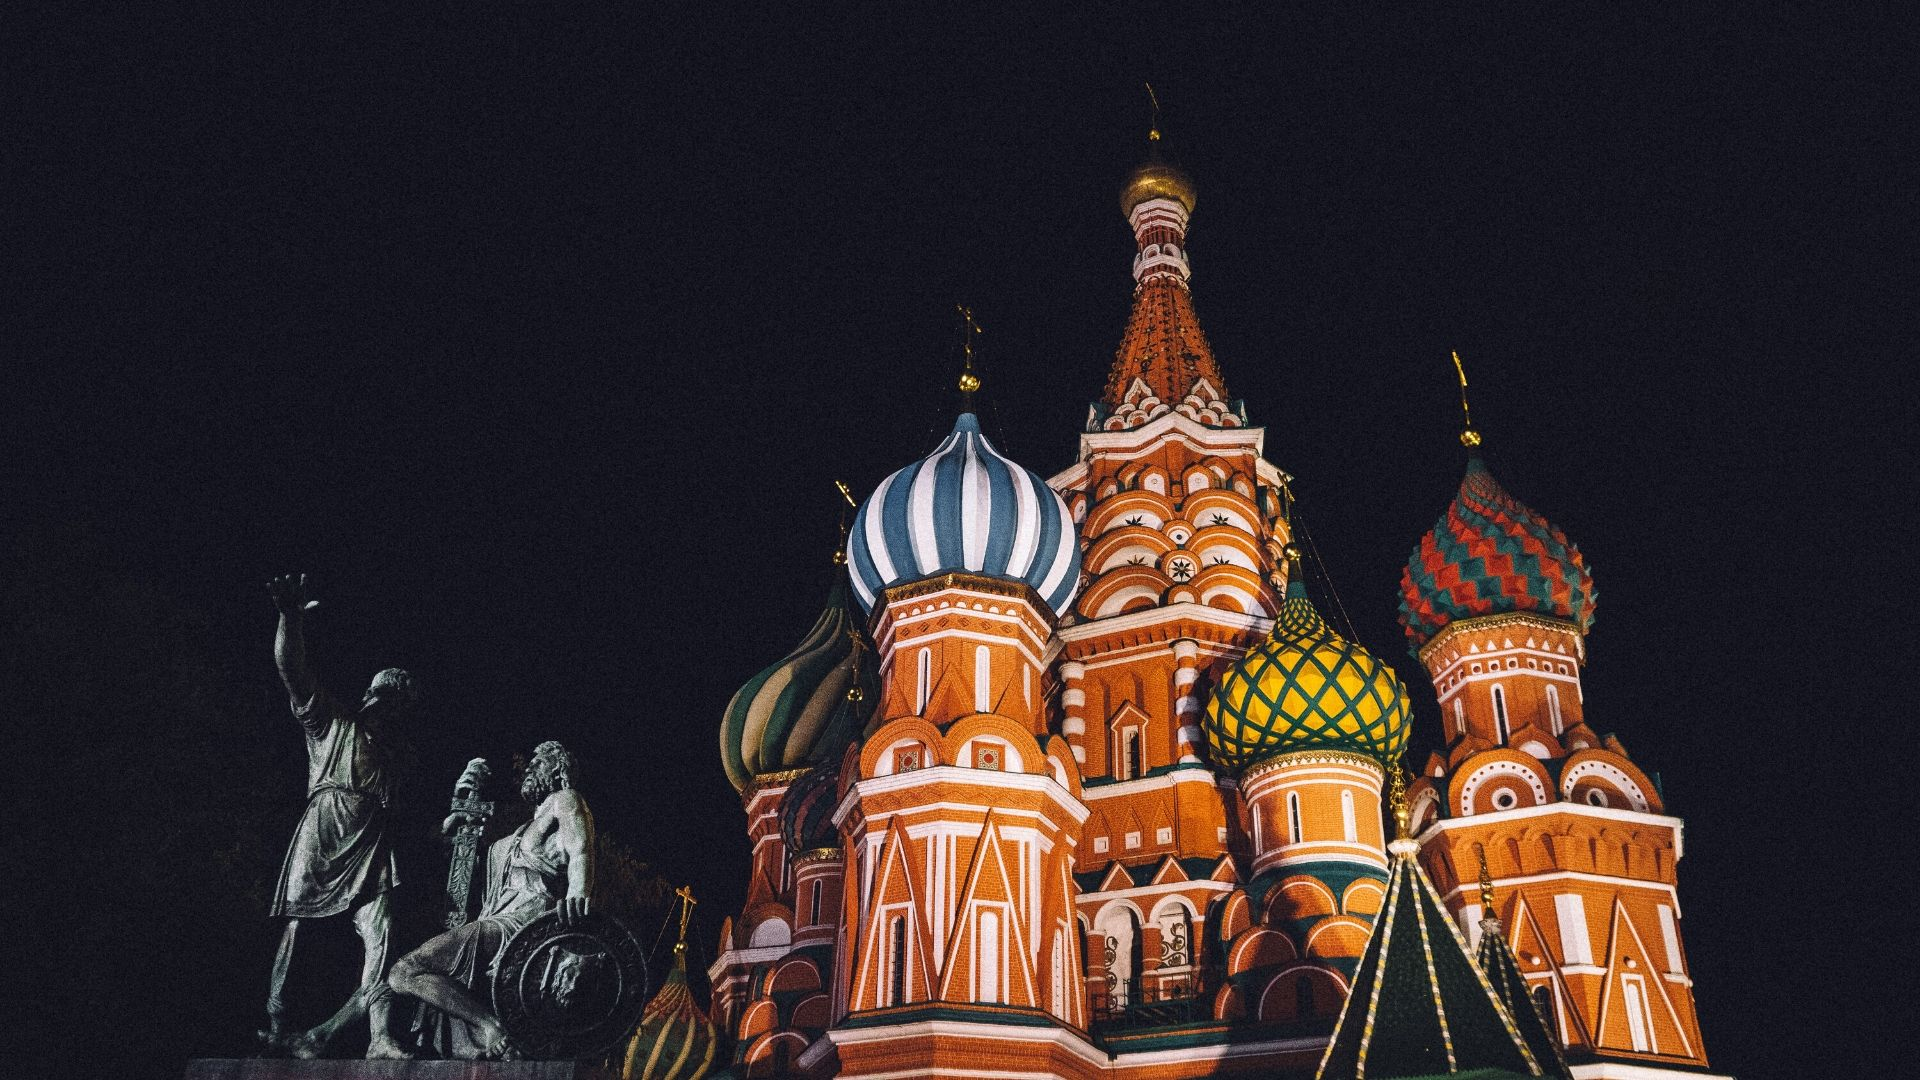 საქსტატი: რუსეთი საქართველოს უმსხვილესი საექსპორტო პარტნიორი აღარ არის